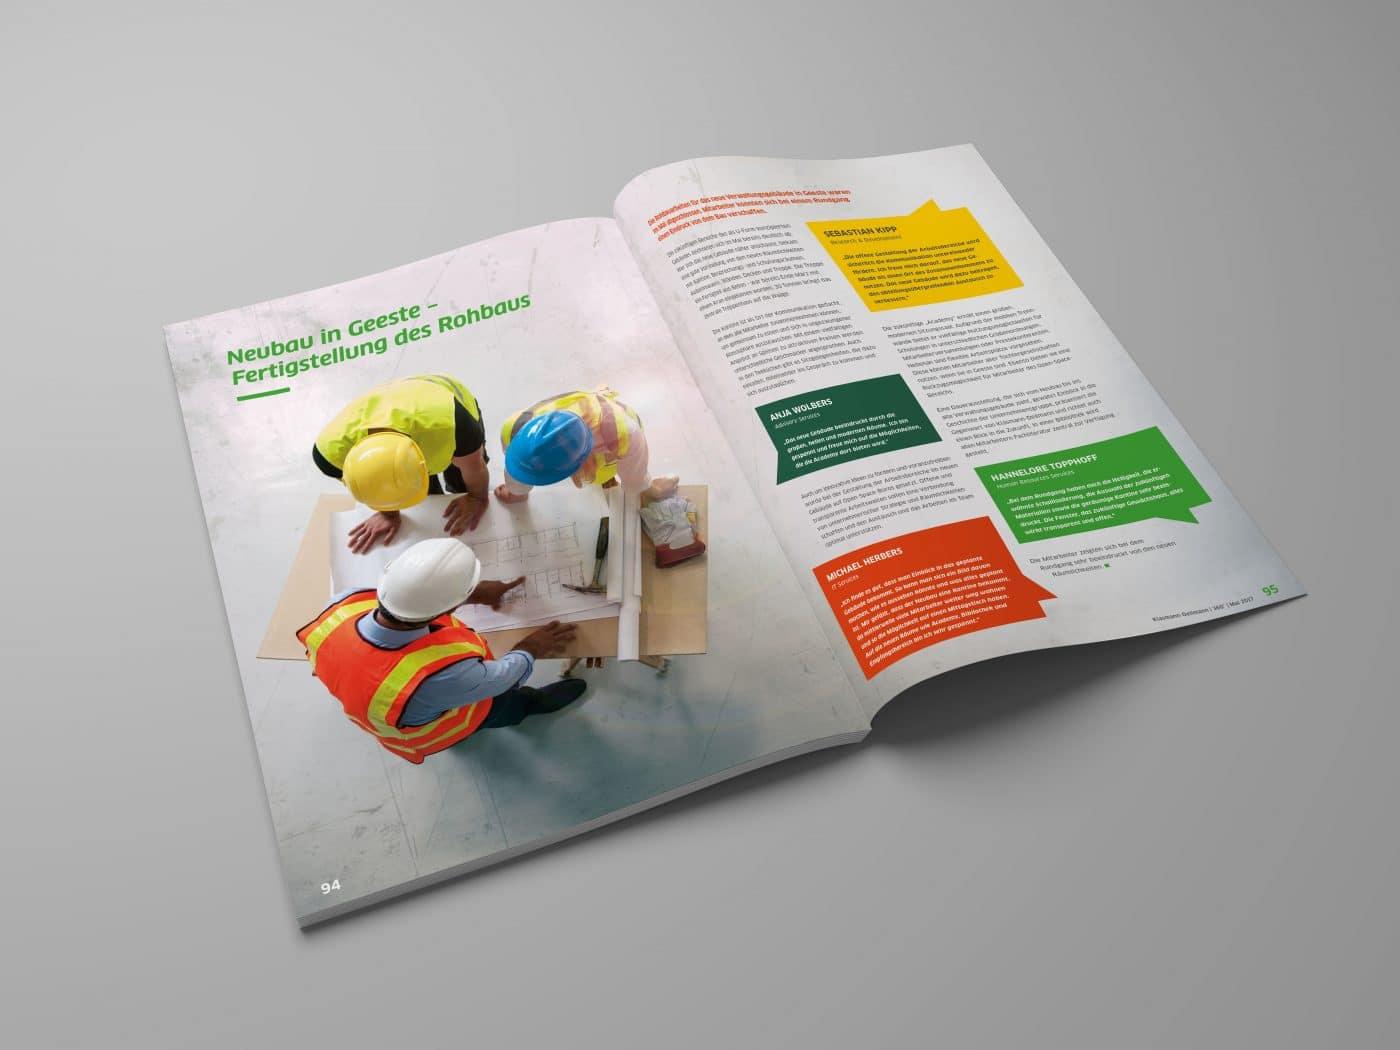 kd jahrbuch 08 - Ein rundum gelungenes Mitarbeiterjahrbuch – Corporate Design, Grafikdesign, Kommunikationsdesign, Branding, Markenentwicklung, Editorial Design